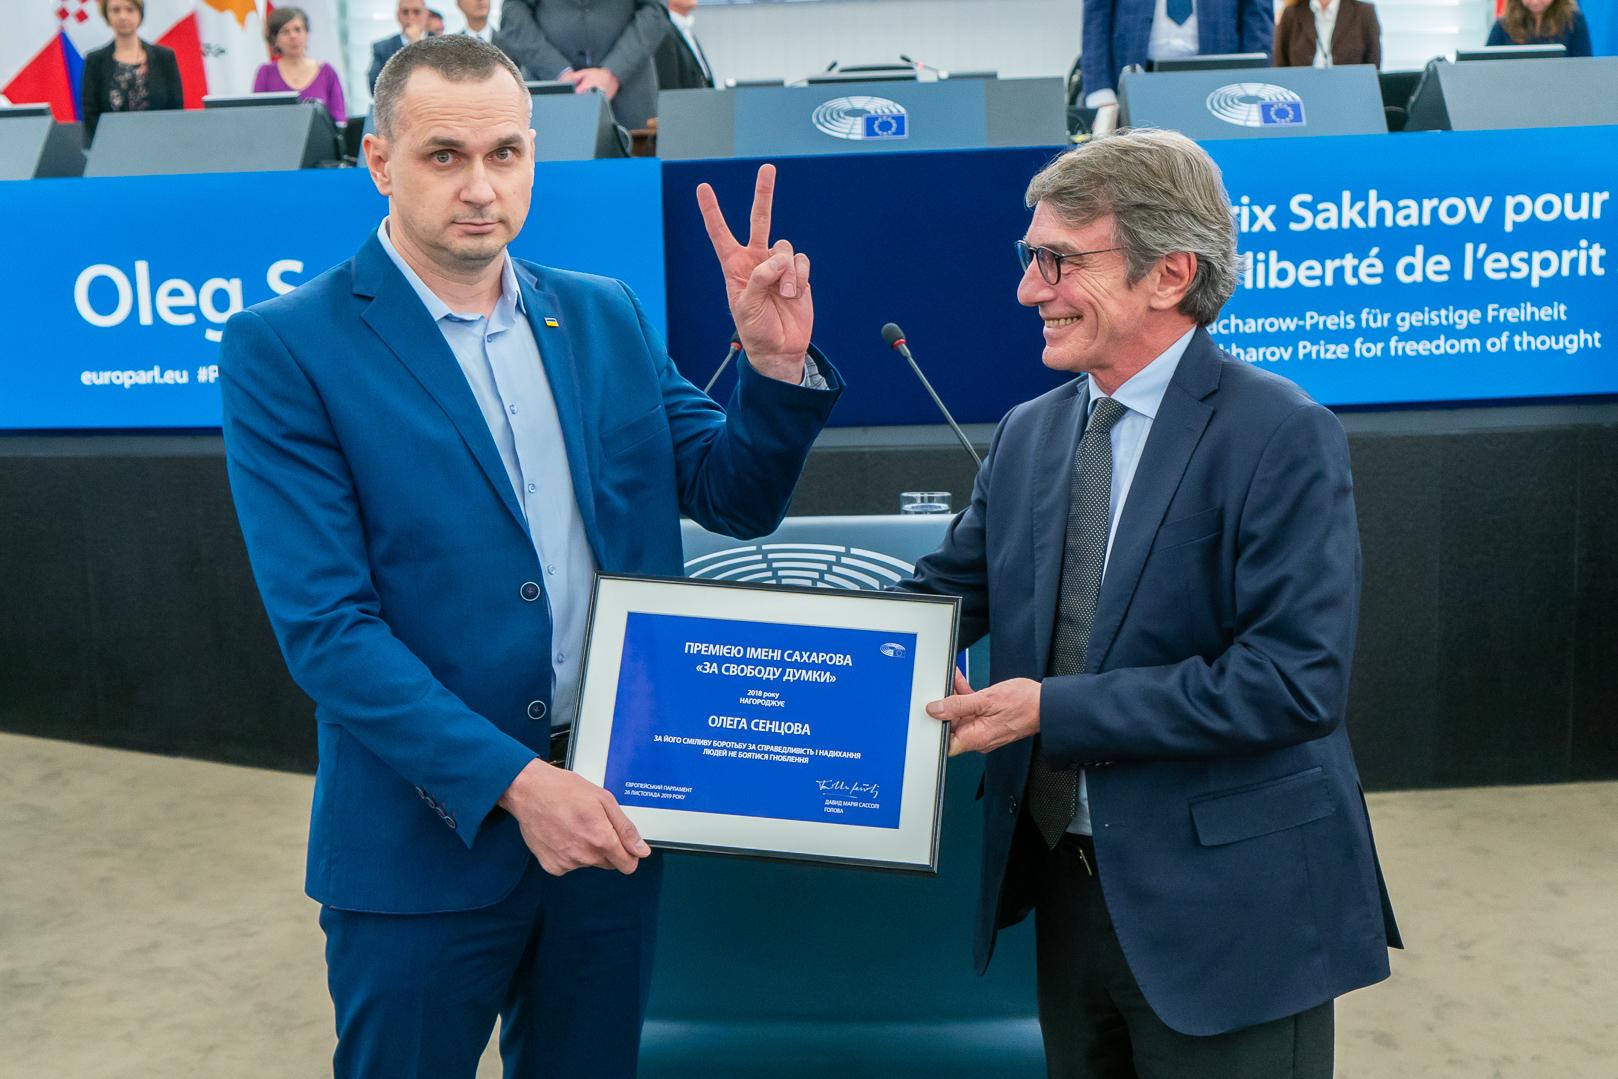 Олег Сенцов Европейска парламент Страсбург